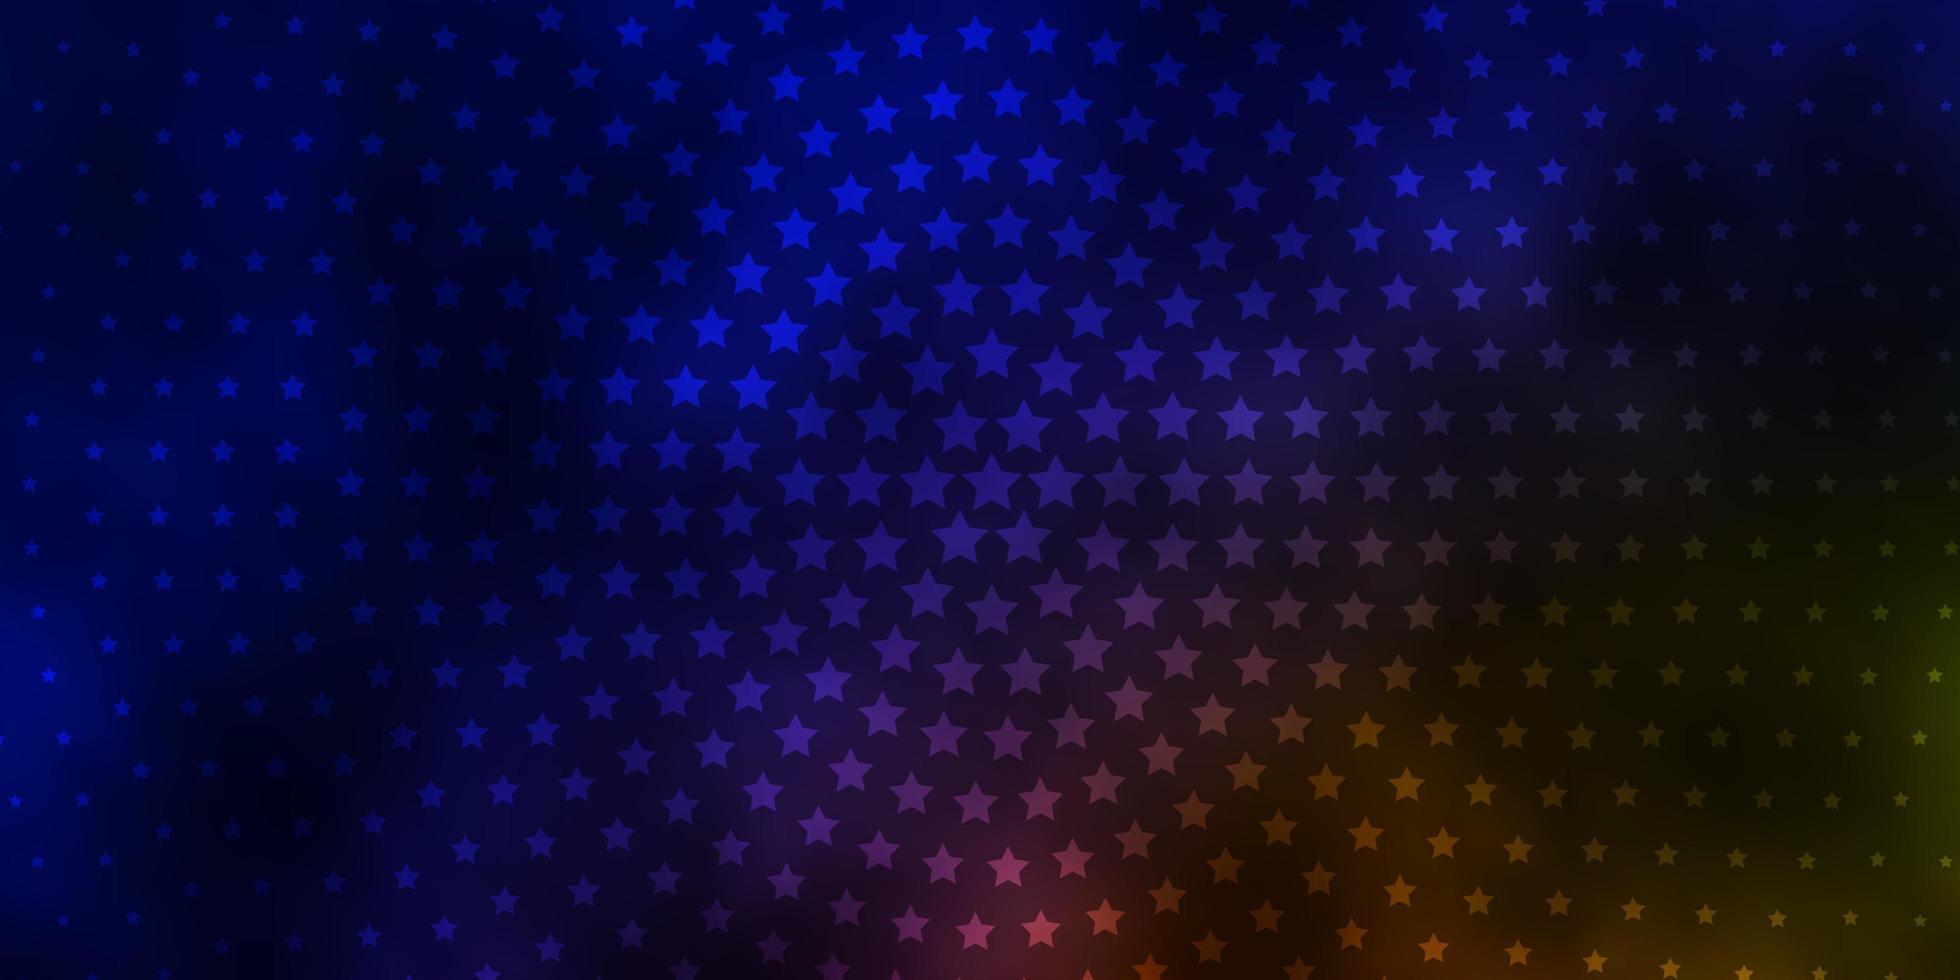 disposition de vecteur bleu foncé, jaune avec des étoiles brillantes.